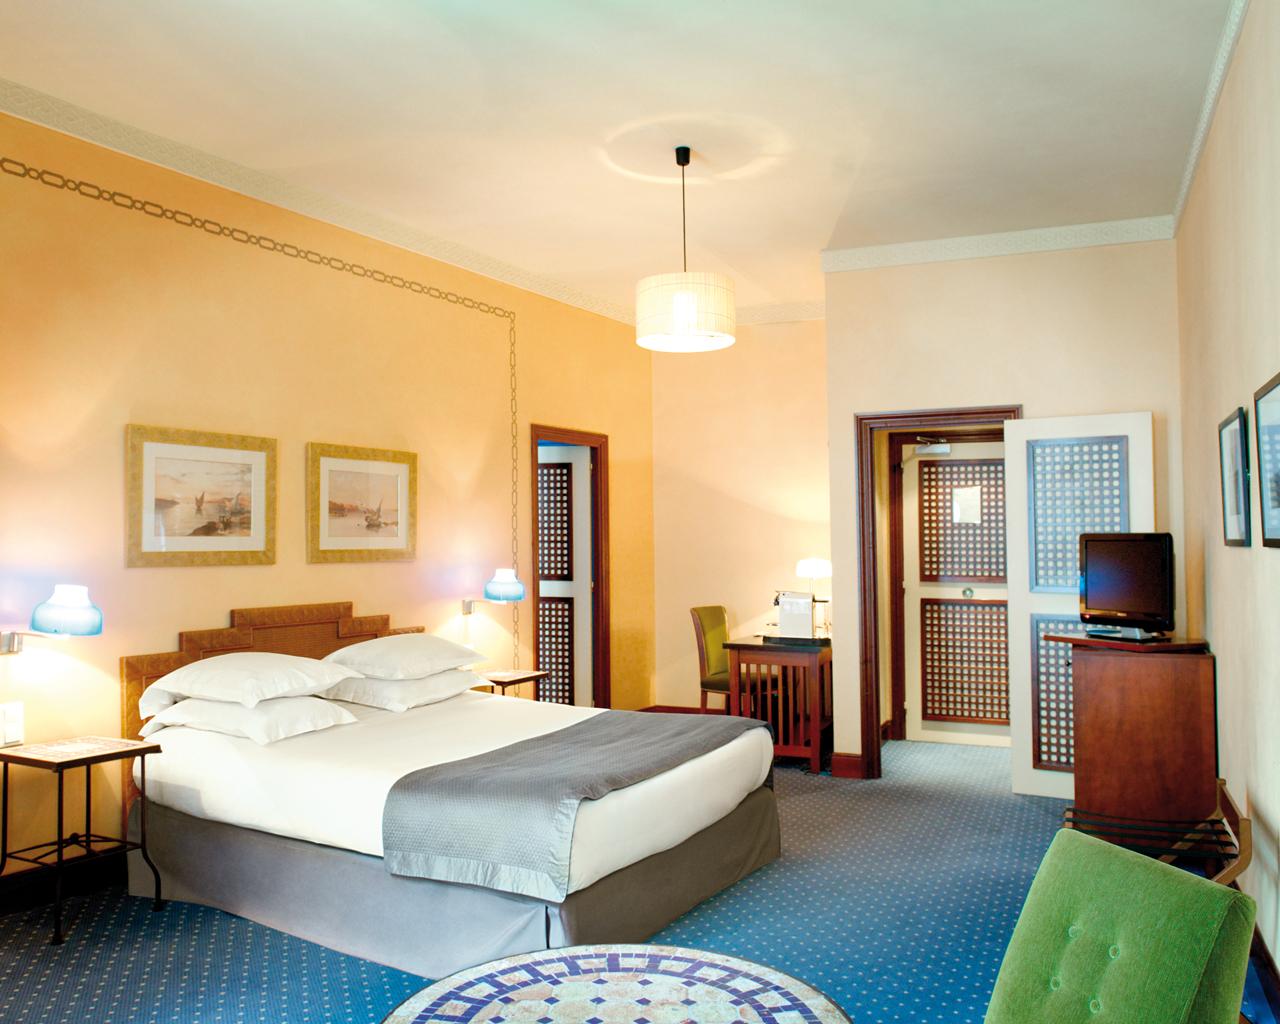 Pilgo marseille new hotel vieux port marseille - New hotel vieux port marseille booking com ...